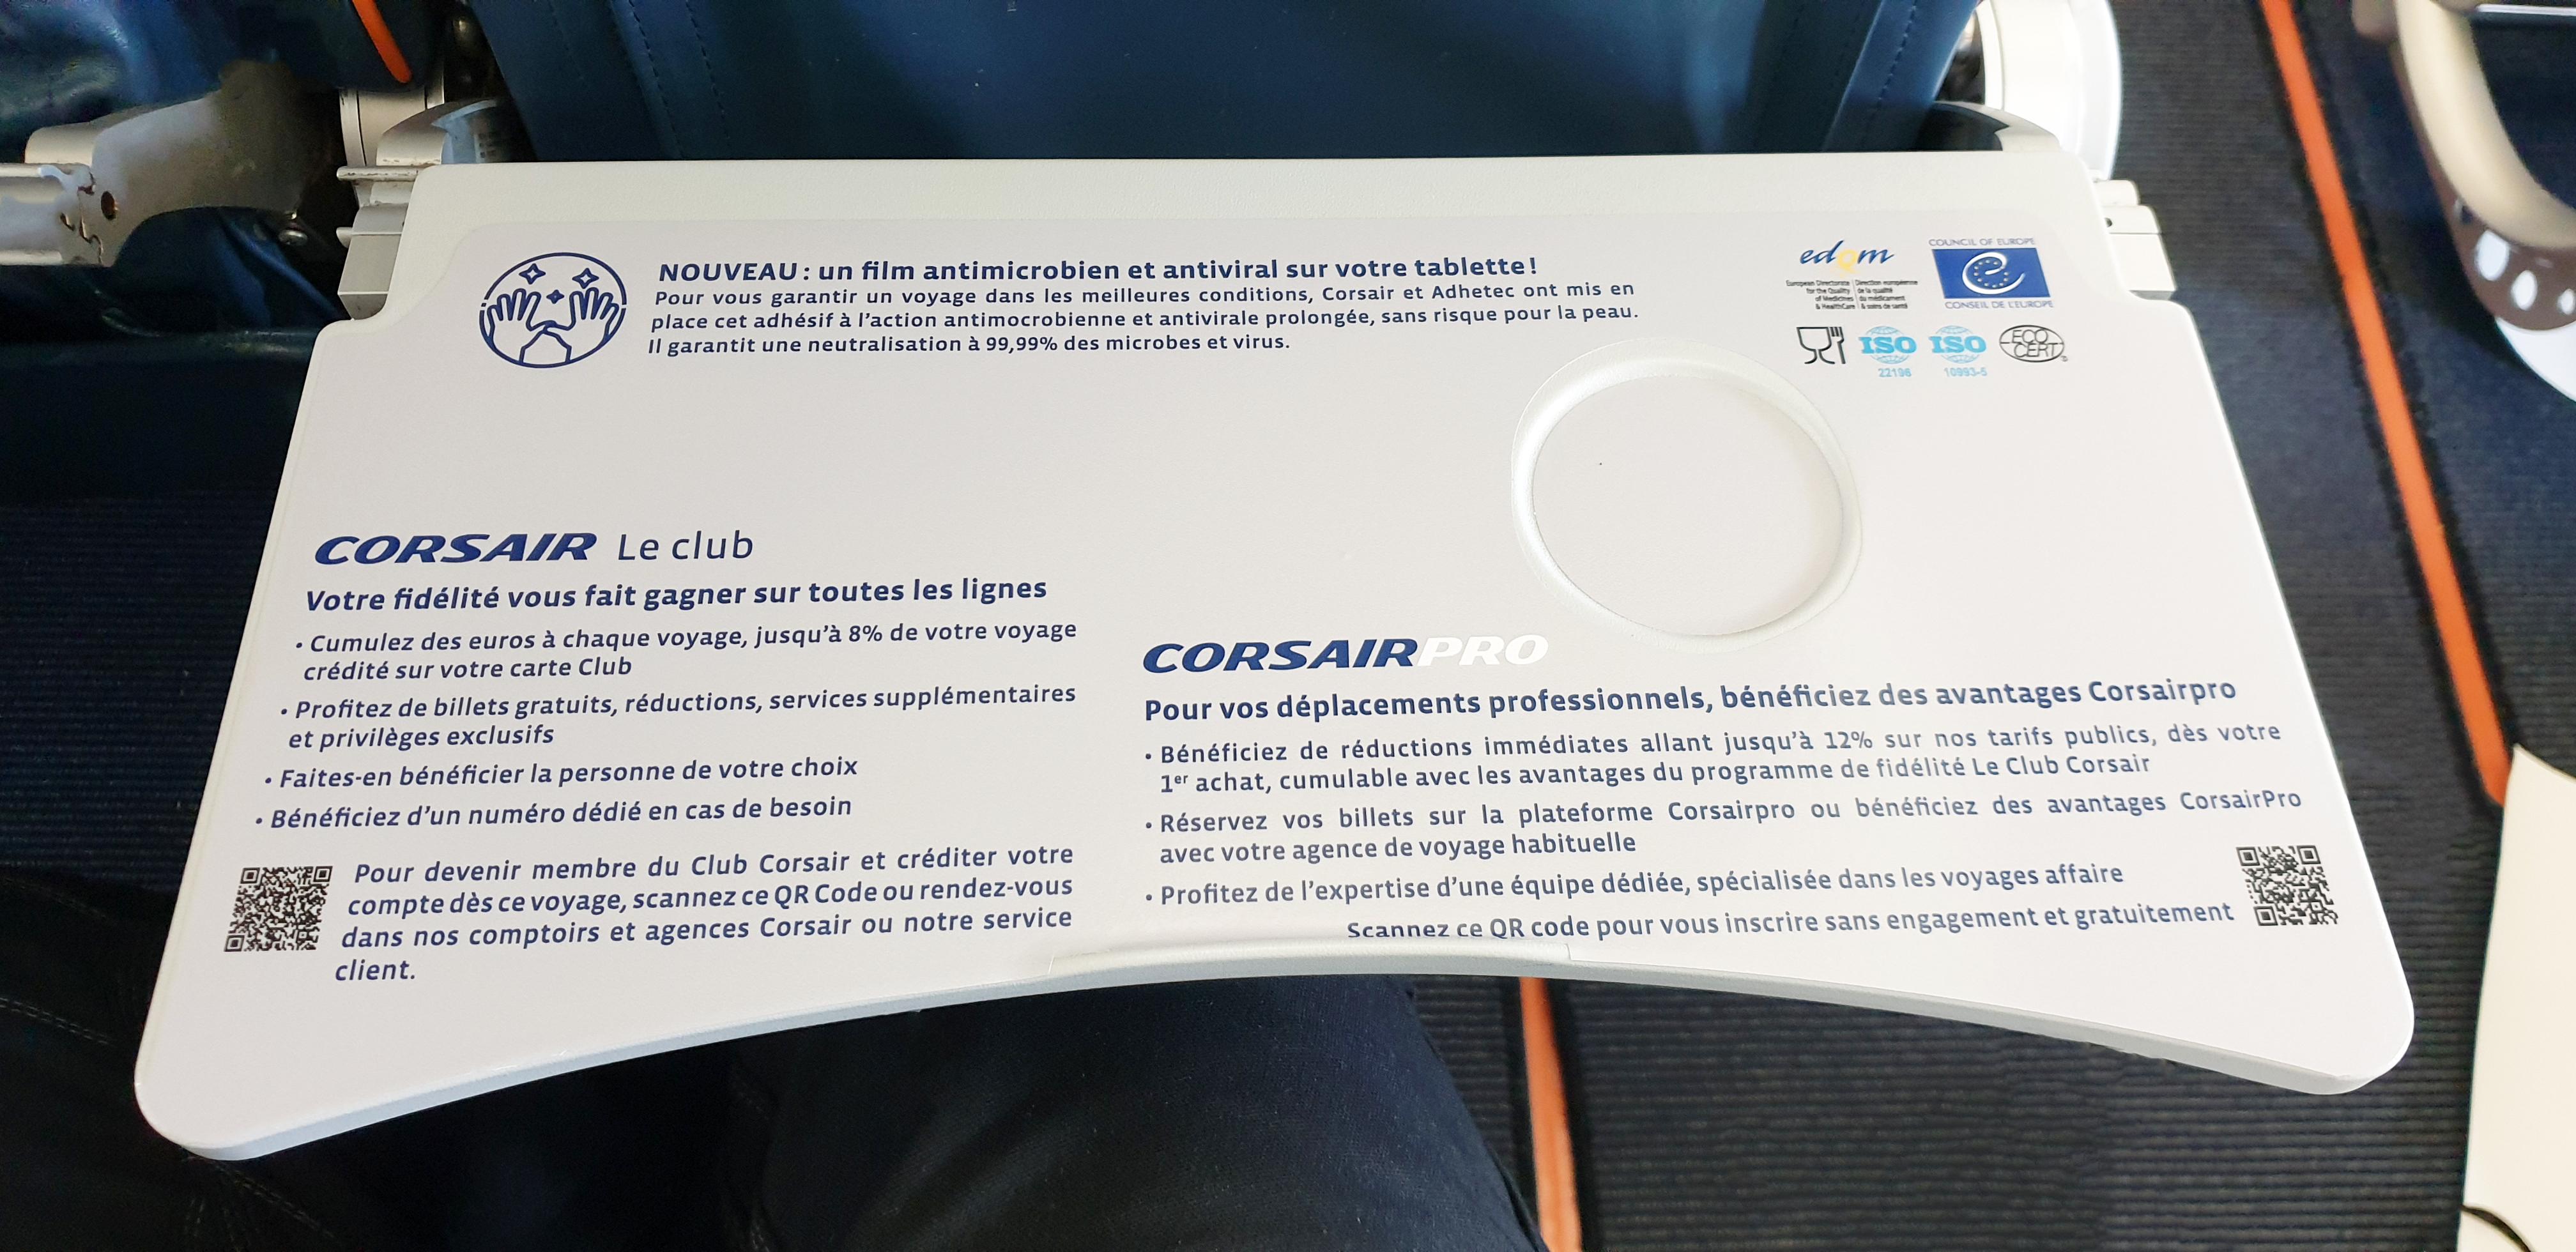 La compagnie aérienne Corsair implémente des films virucides sur les plateaux repas